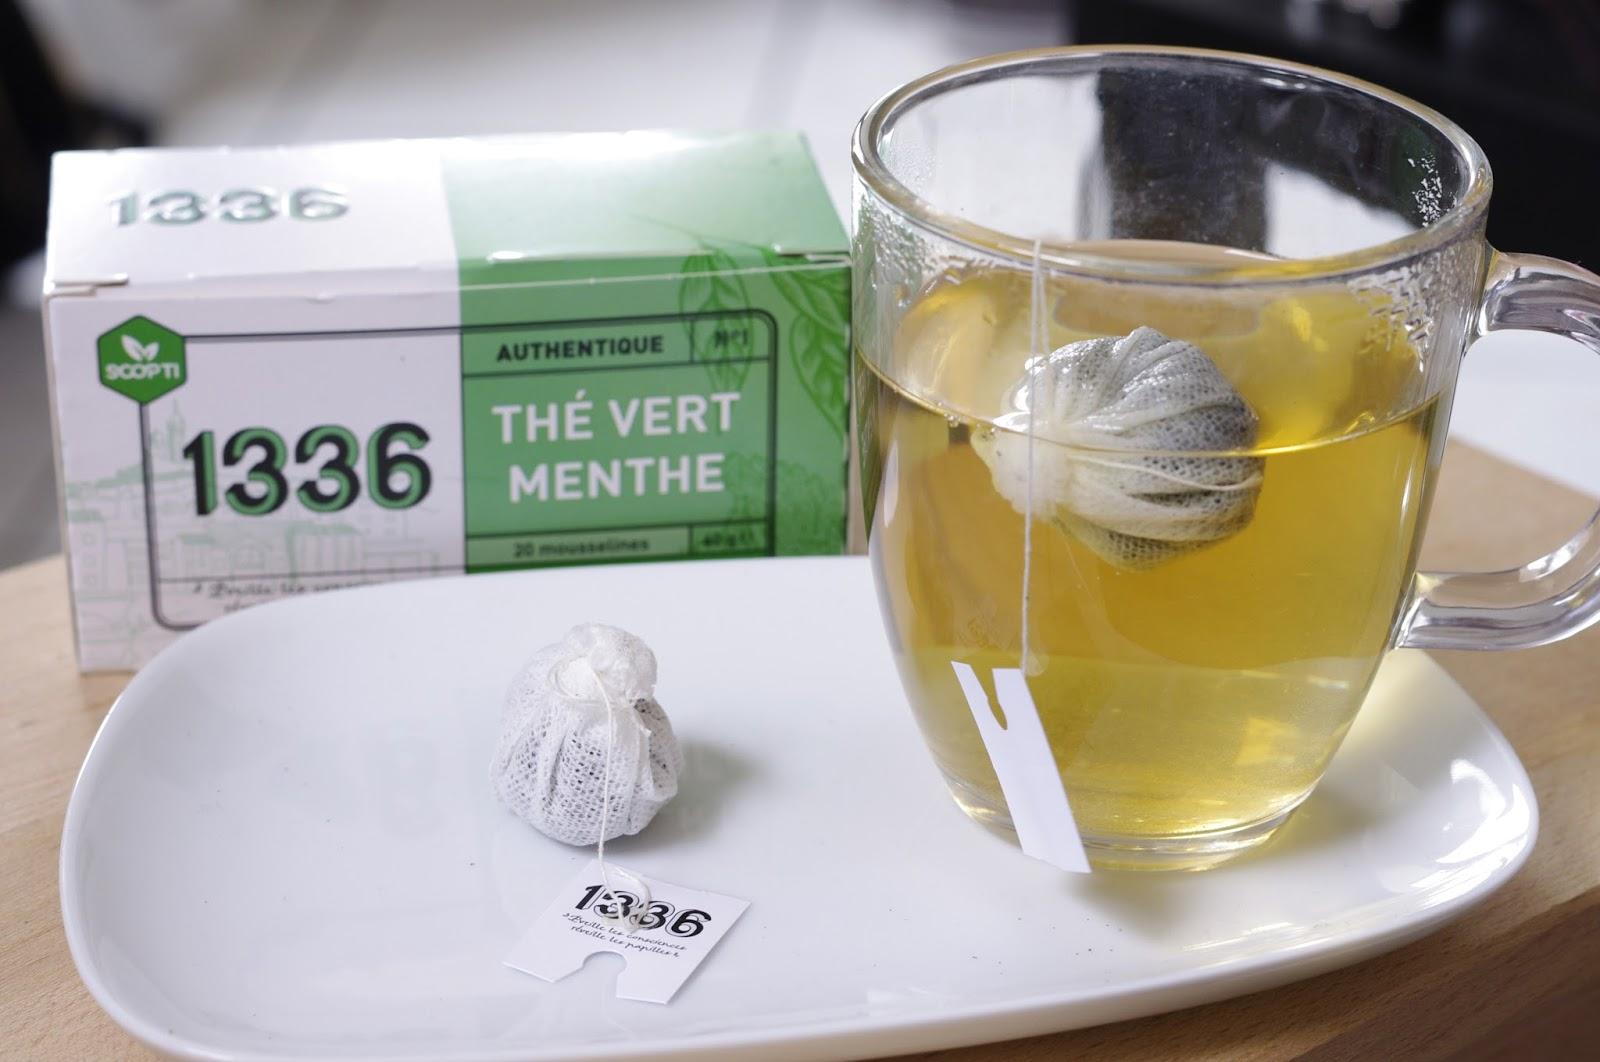 1336 Thé vert menthe